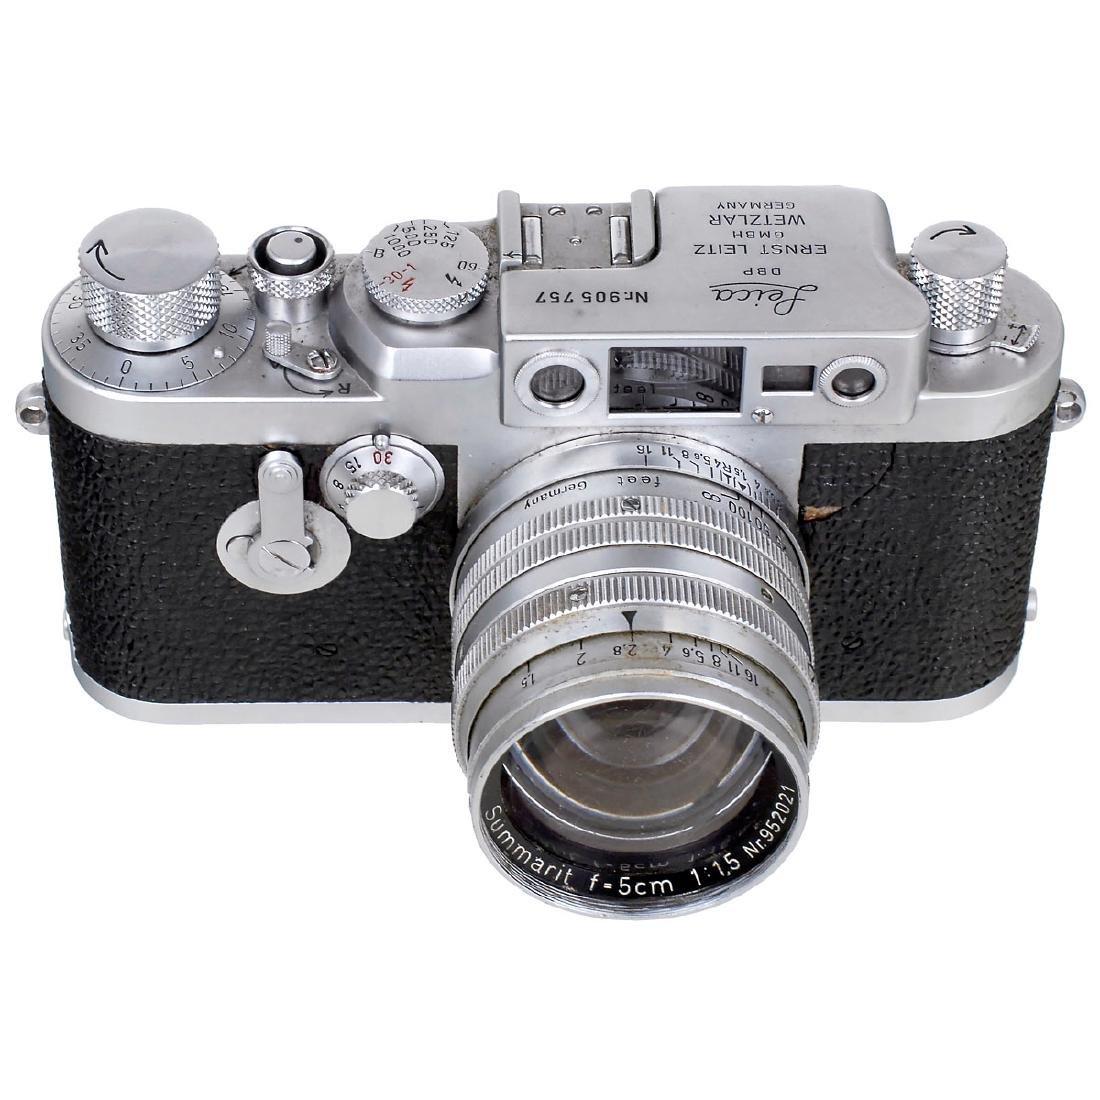 Leica IIIg with Summarit 1,5/5 cm, 1957